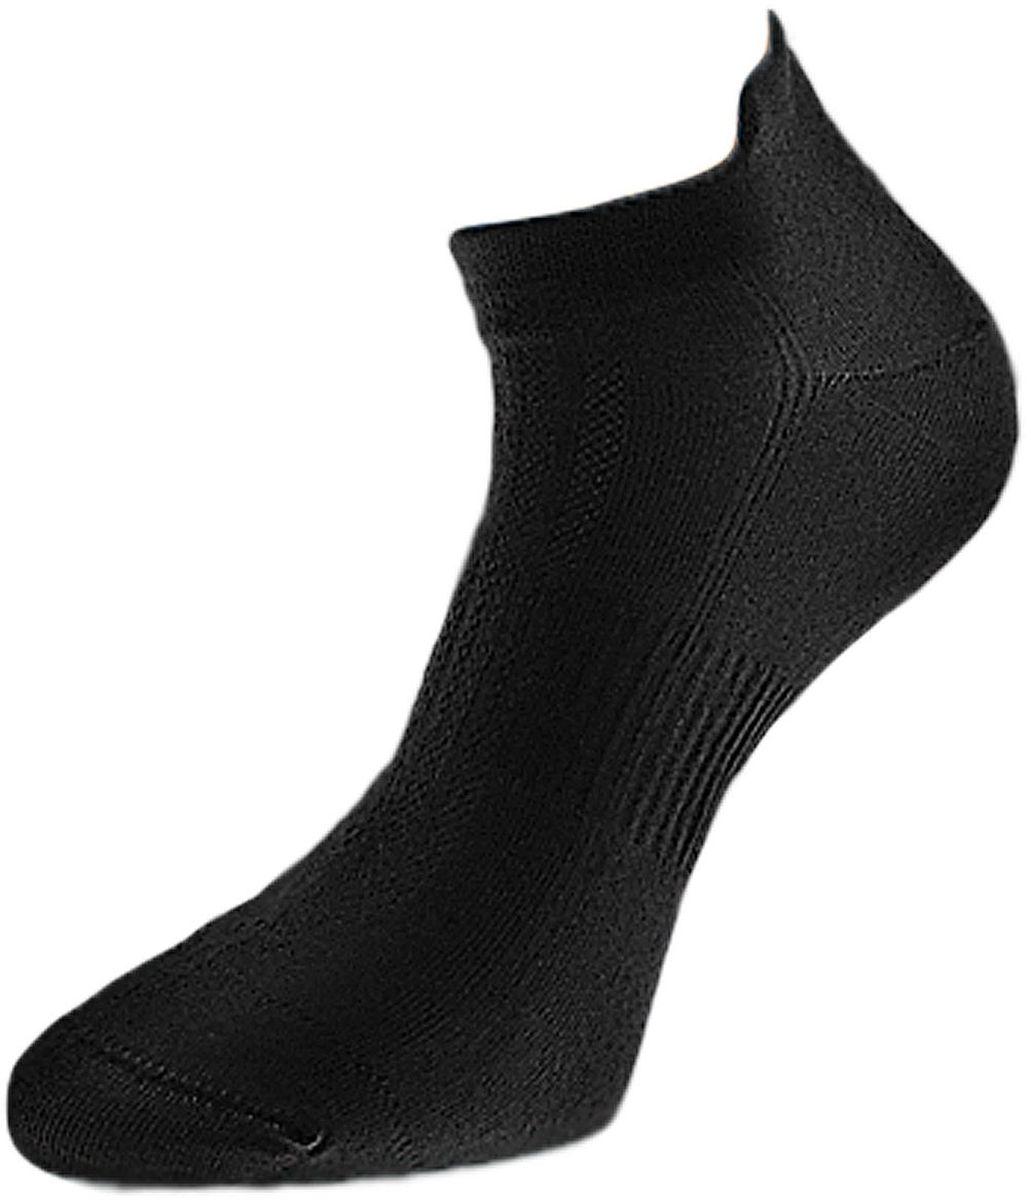 Носки мужские Гранд, цвет: черный, 2 пары. ZCL109. Размер 25/27ZCL109Мужские укороченные носки Гранд выполнены из хлопка, для занятий спортом. Основа материала - высококачественный хлопок. Носки хорошо держат форму и обладают повышенной воздухопроницаемостью, не линяют после многочисленных стирок, имеют укороченную высоту паголенка и усиленные пятку и мысок для повышенной износостойкости. Резинка вокруг стопы обеспечивает дополнительную фиксацию. Функция отвода влаги позволяет сохранить ноги сухими. Носки произведены по европейским стандартам на современных итальянских вязальных автоматах Busi Giovanni.